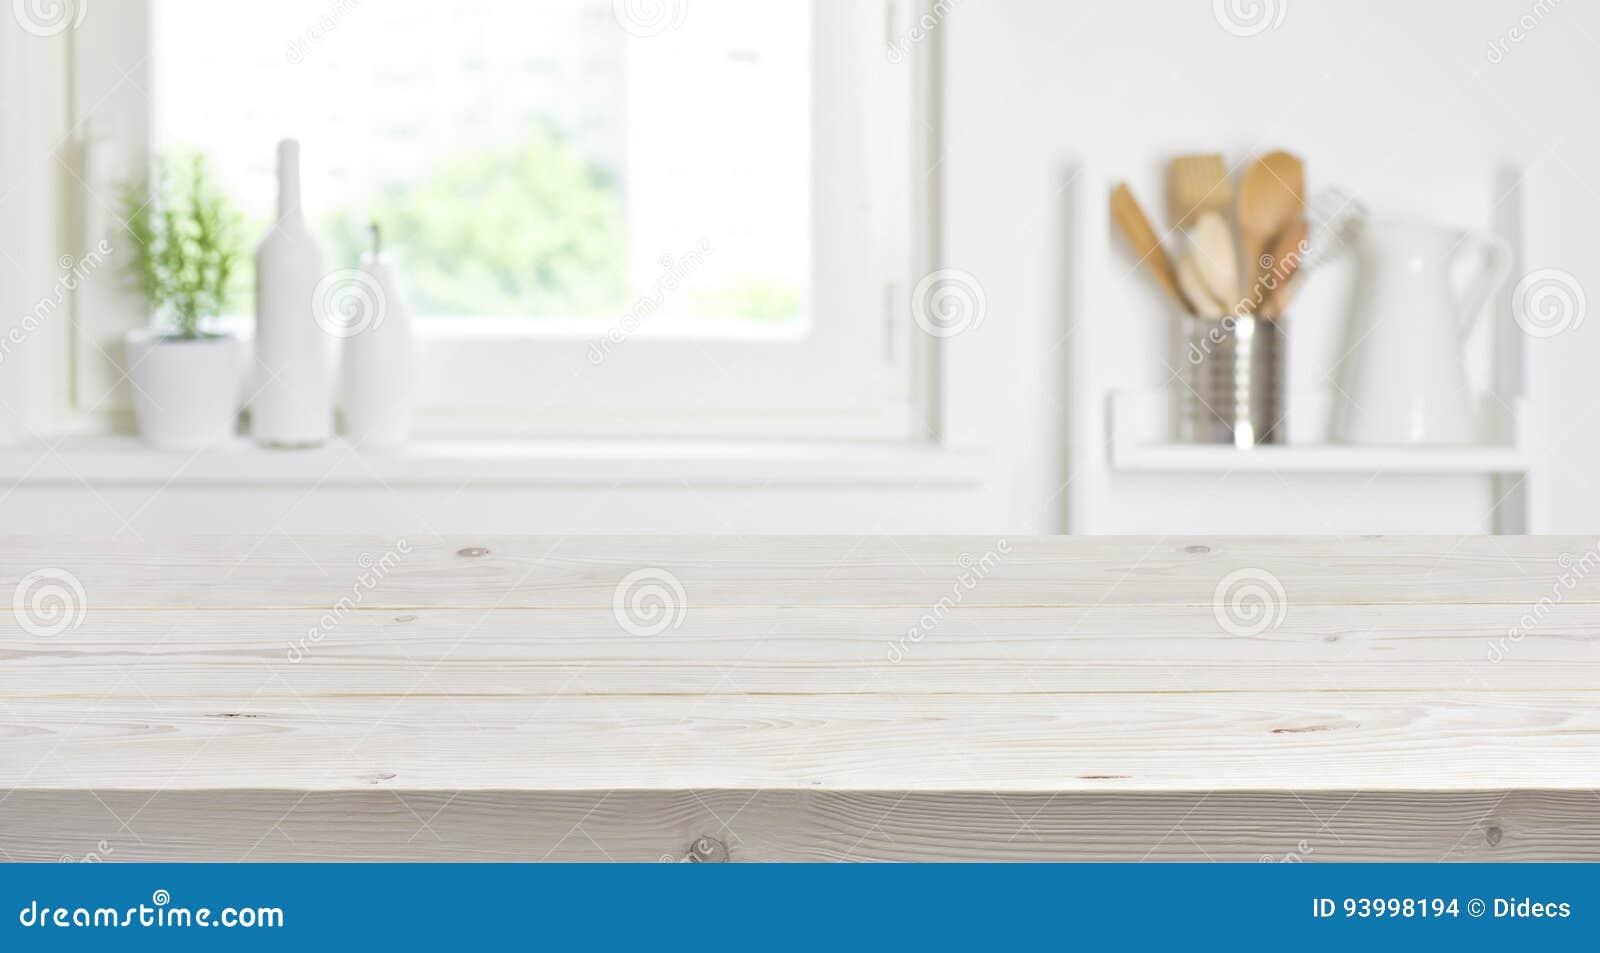 在厨房窗口和架子被弄脏的背景的木桌